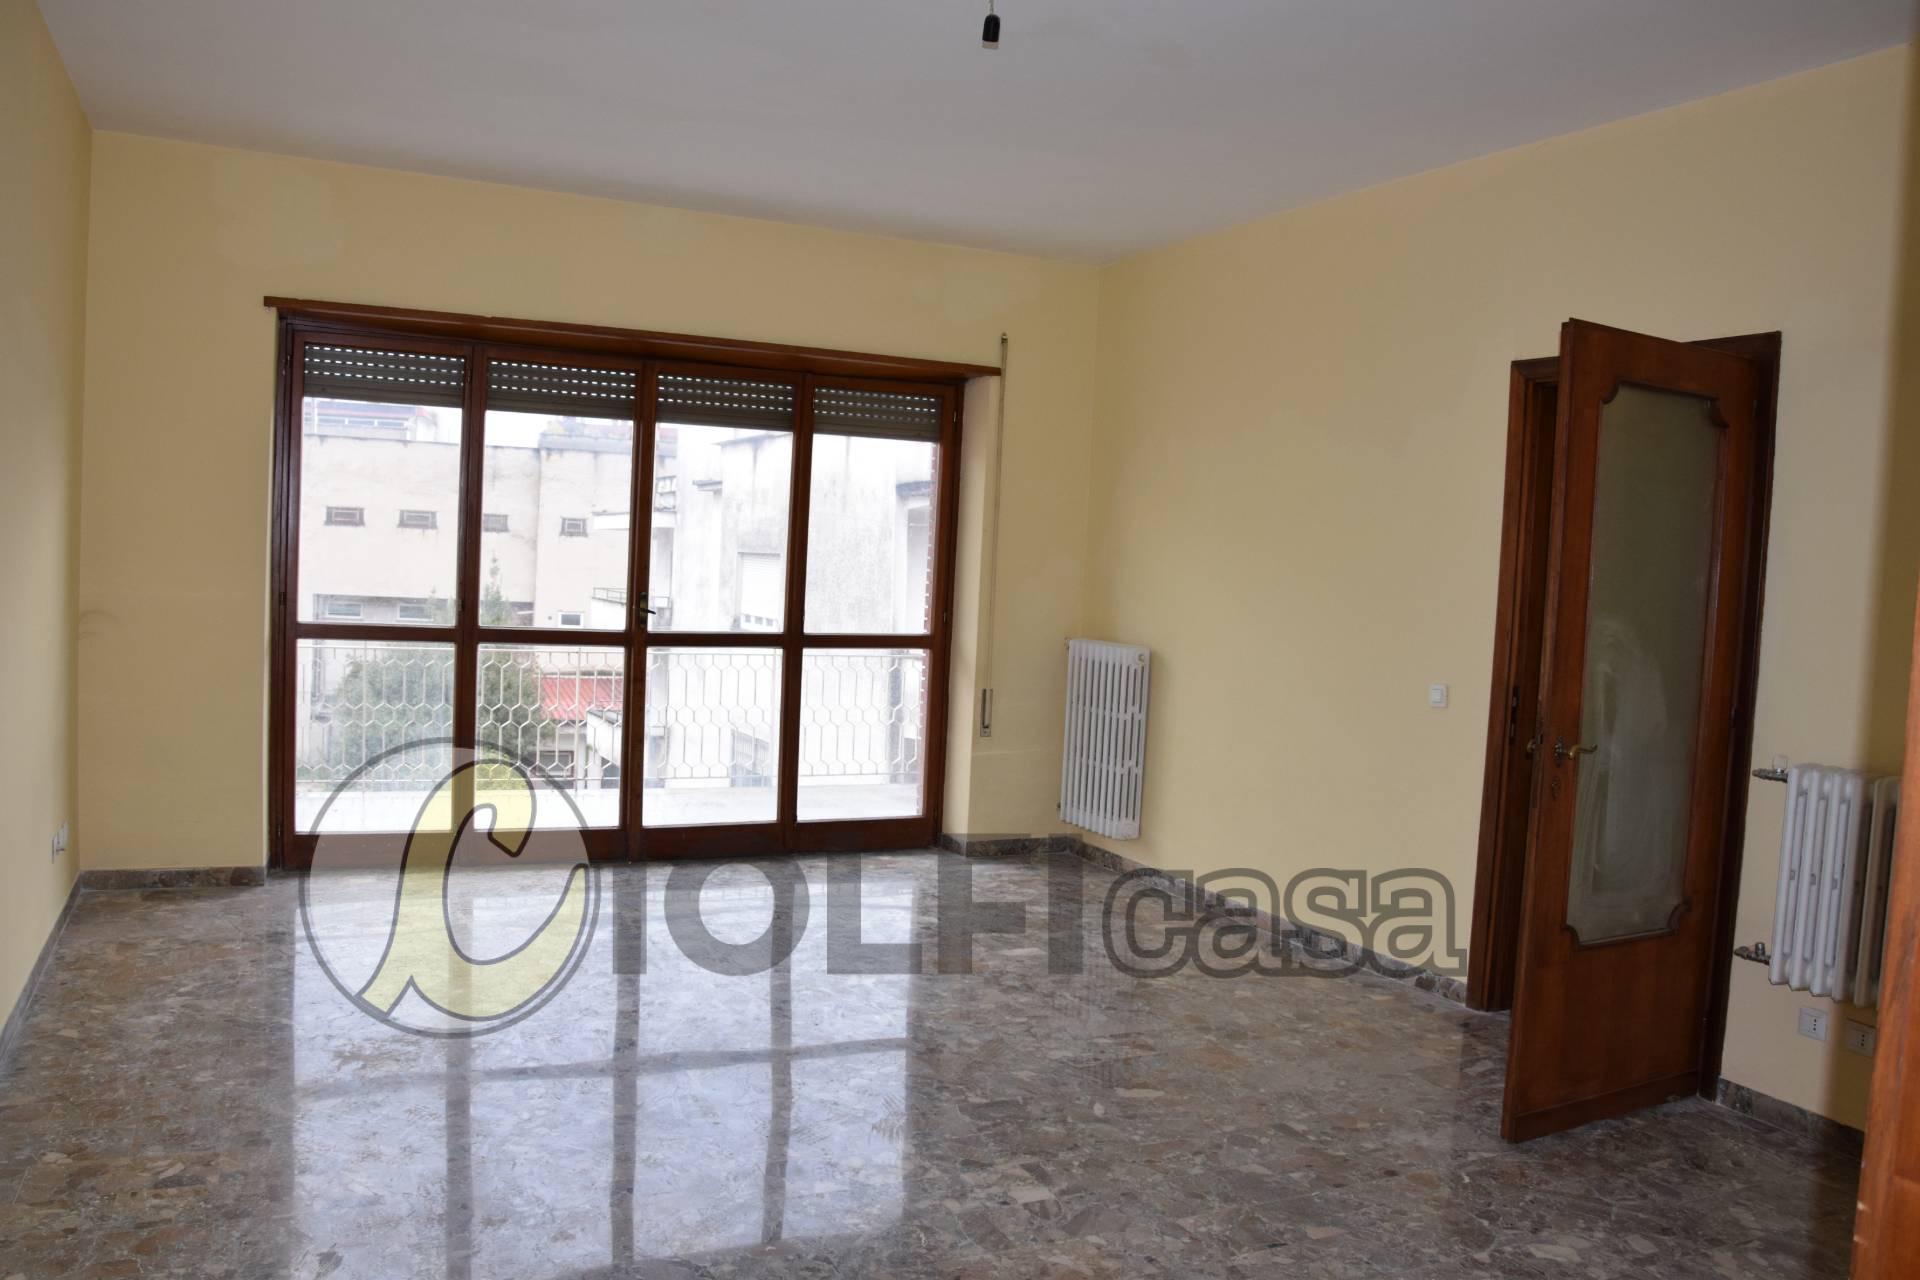 Appartamento in affitto a Cassino, 5 locali, zona Località: S.Antonio, prezzo € 550 | CambioCasa.it